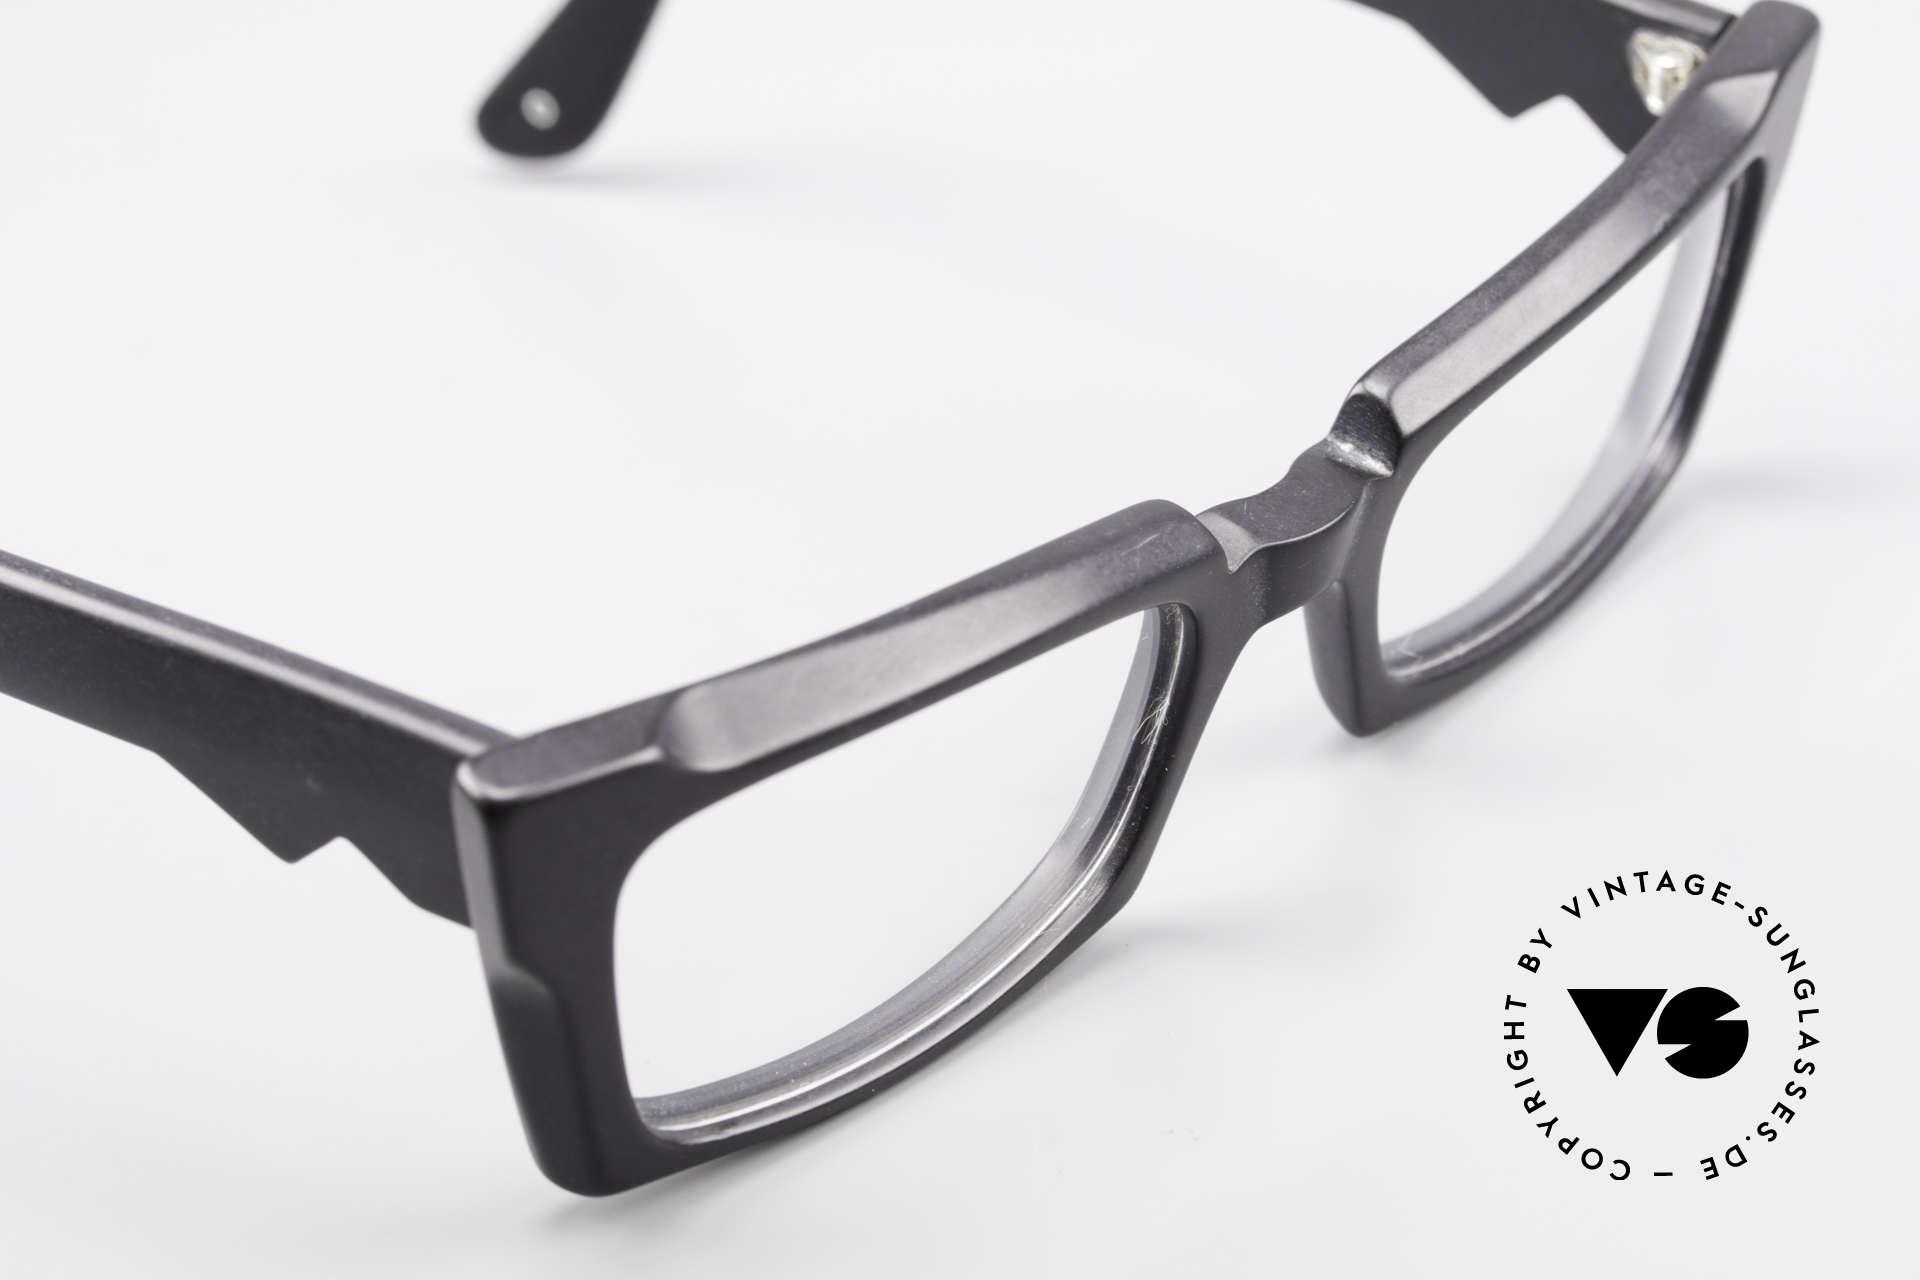 Anne Et Valentin Belphegor Old 80's Glasses True Vintage, UNWORN, single item, comes with an orig. case, Made for Women